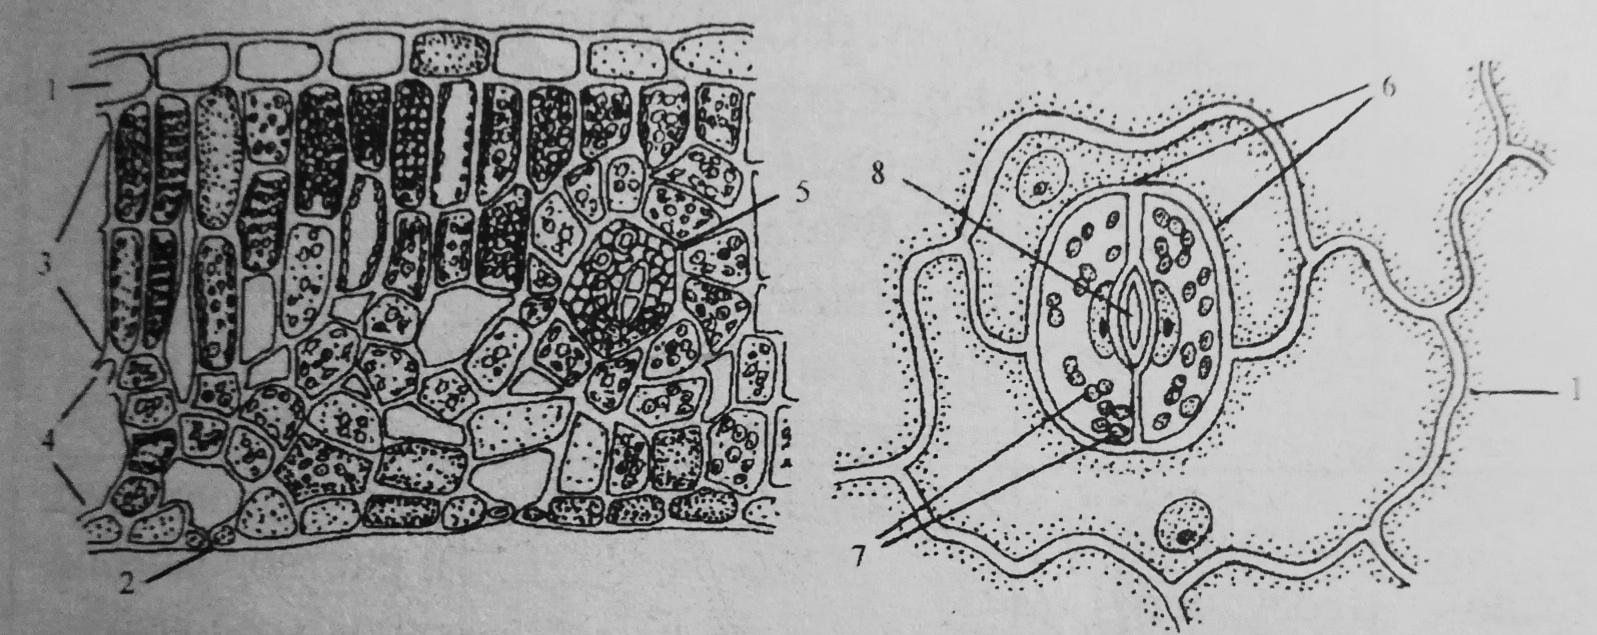 Схема внутреннего строения листа